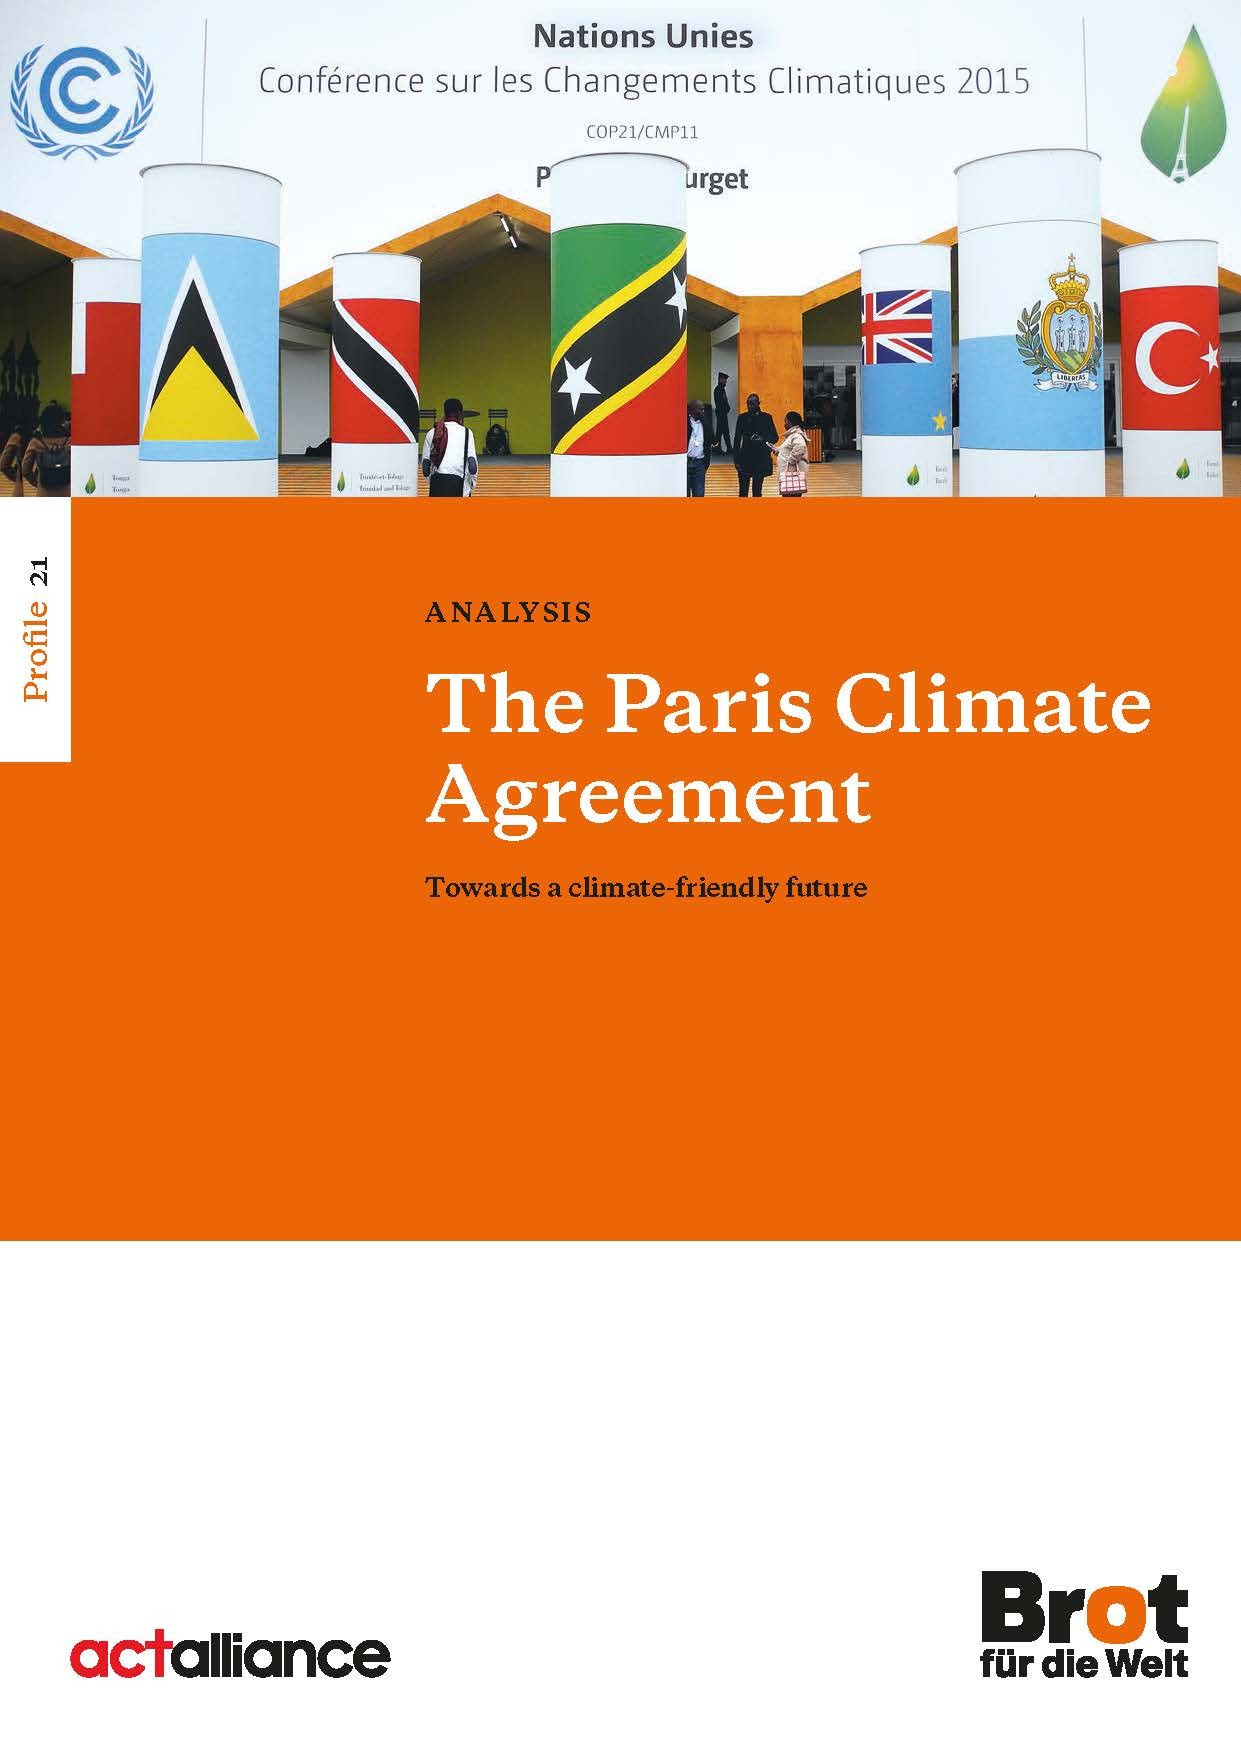 Profile 21: The Paris Climate Agreement